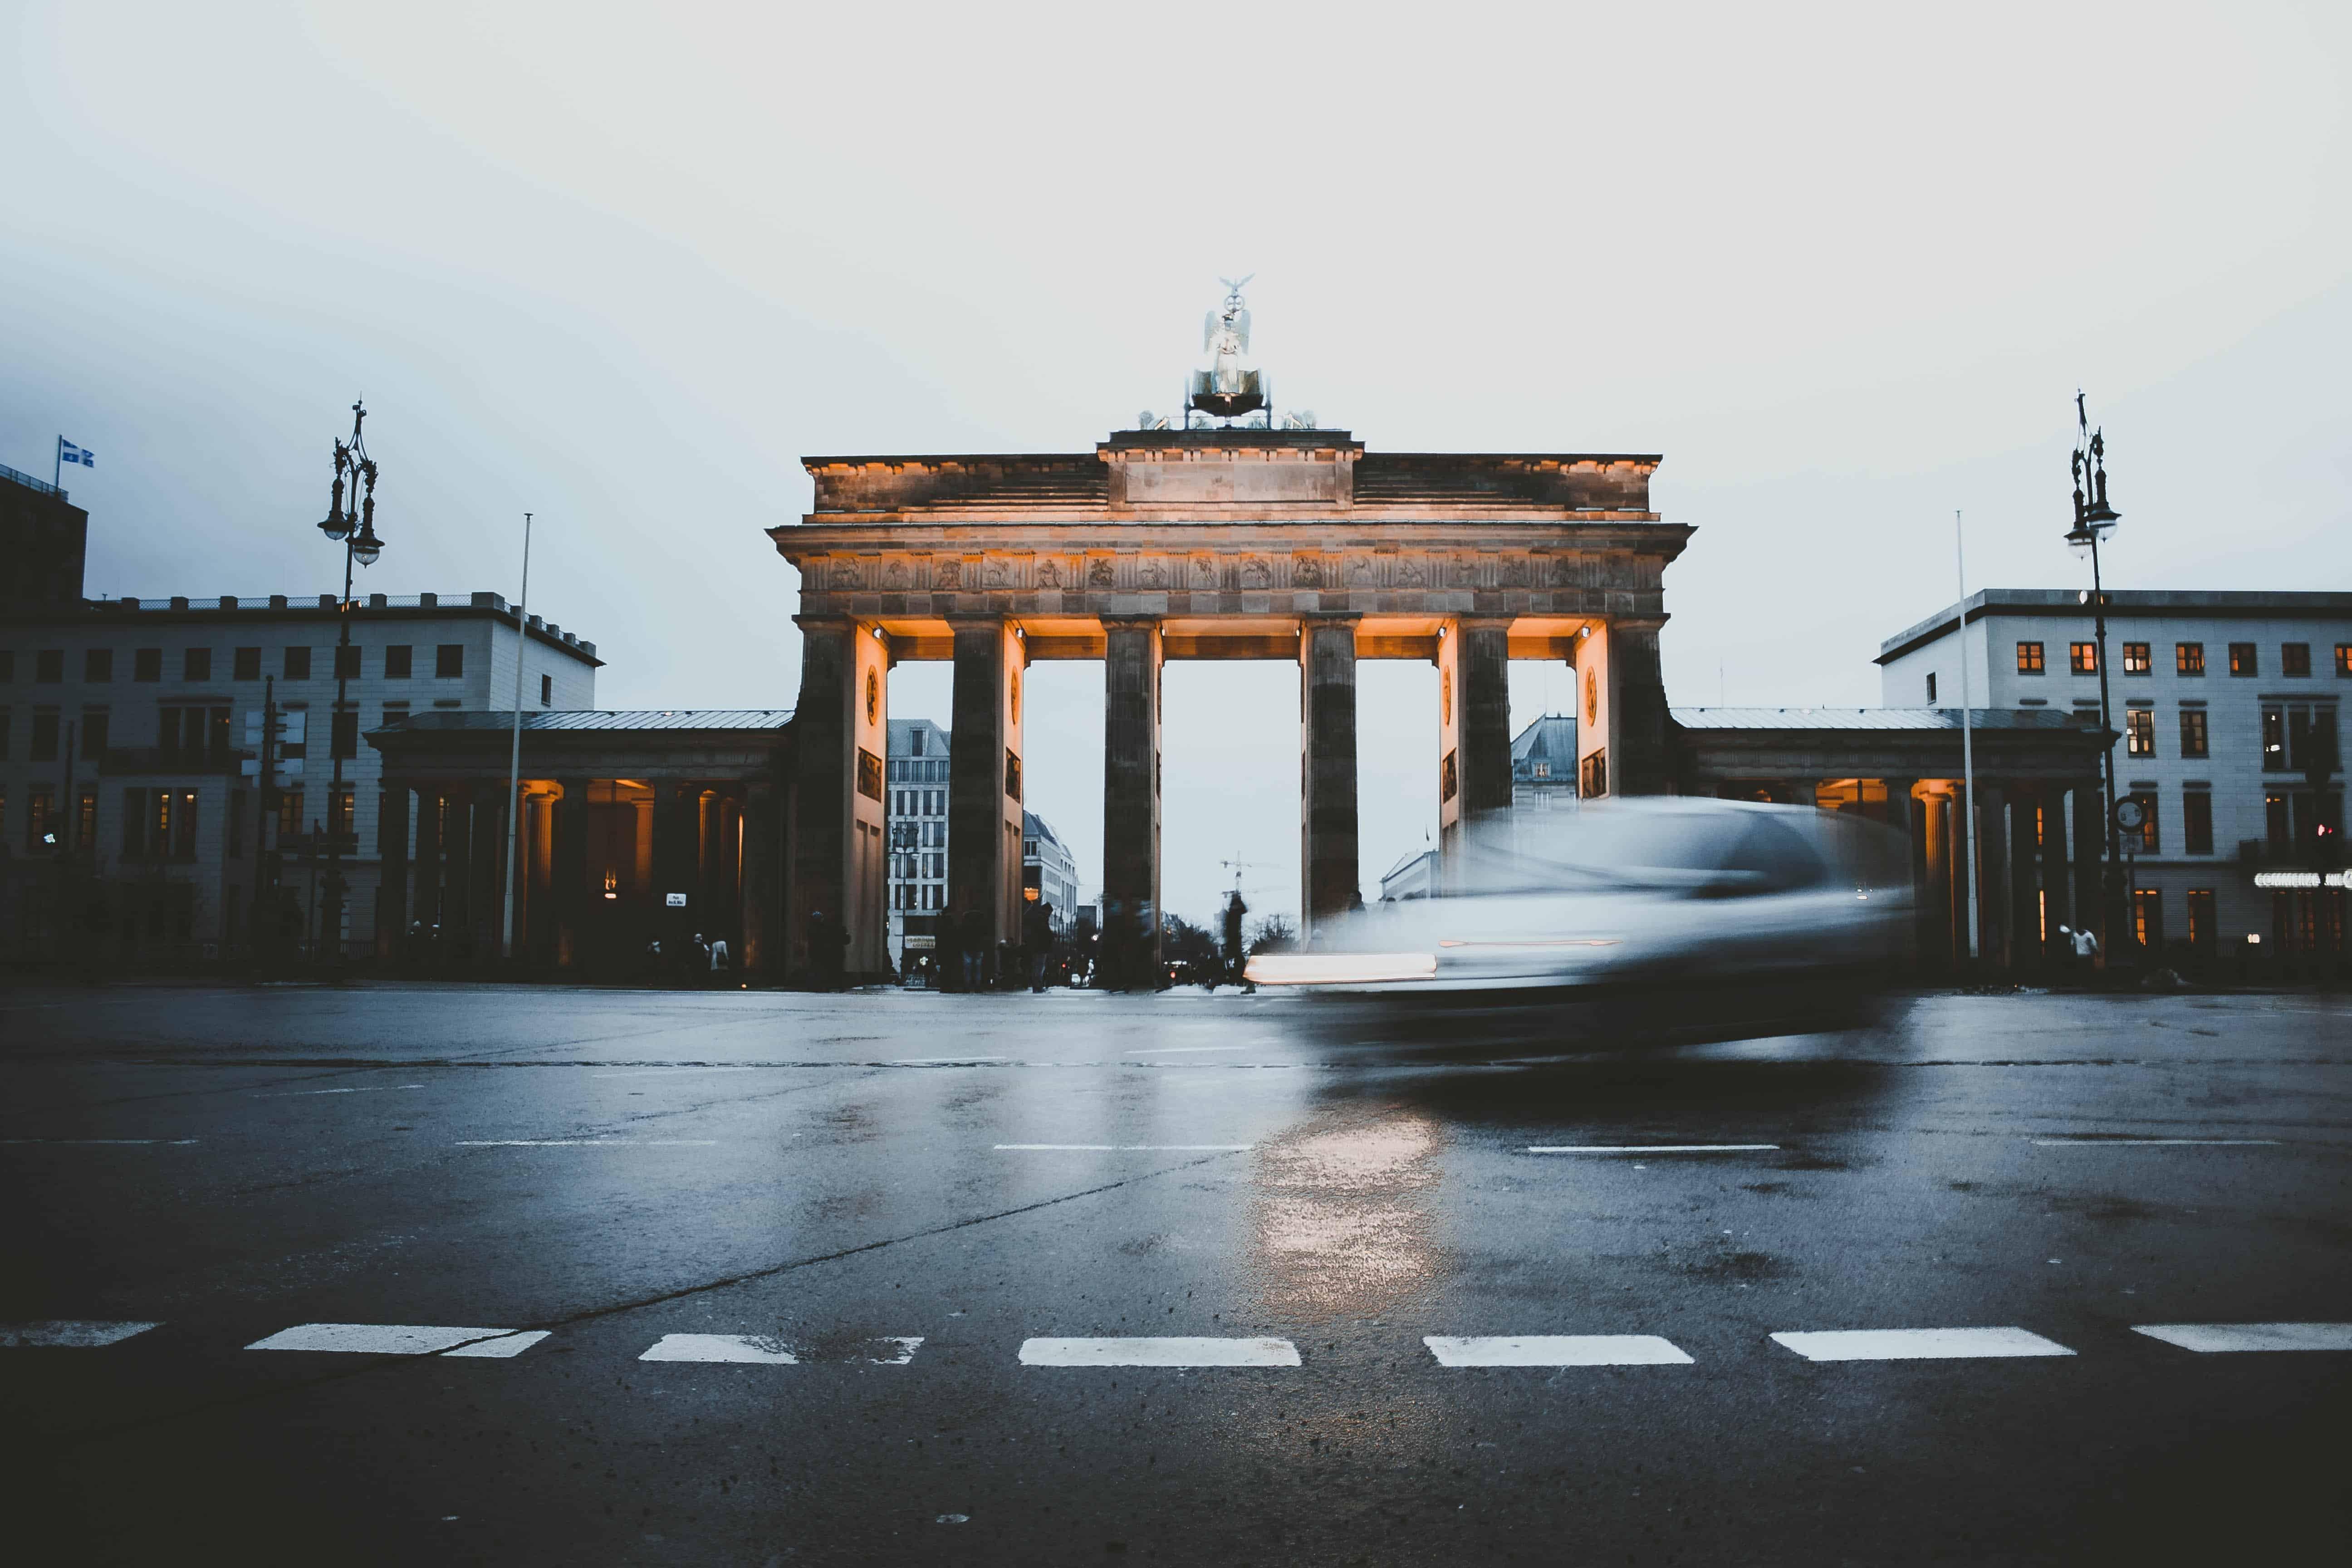 künstliche intelligenz in deutschland